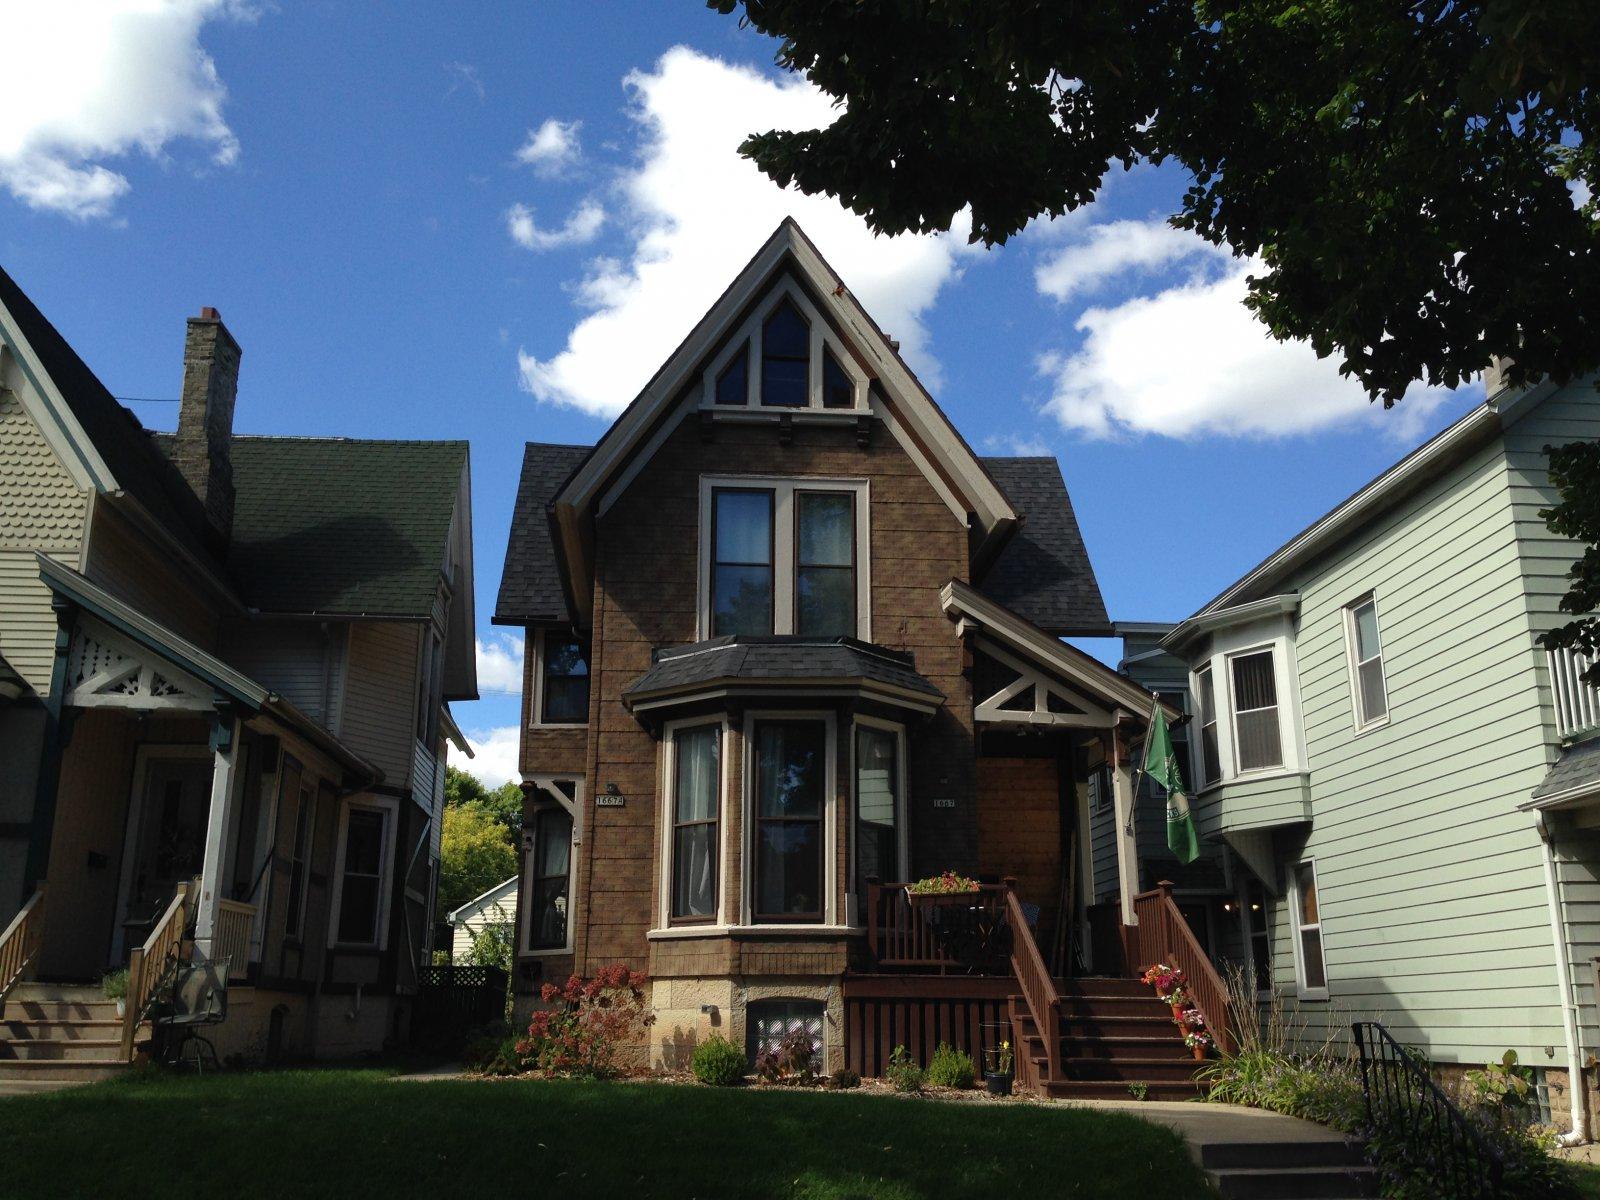 1667 N. Marshall St.